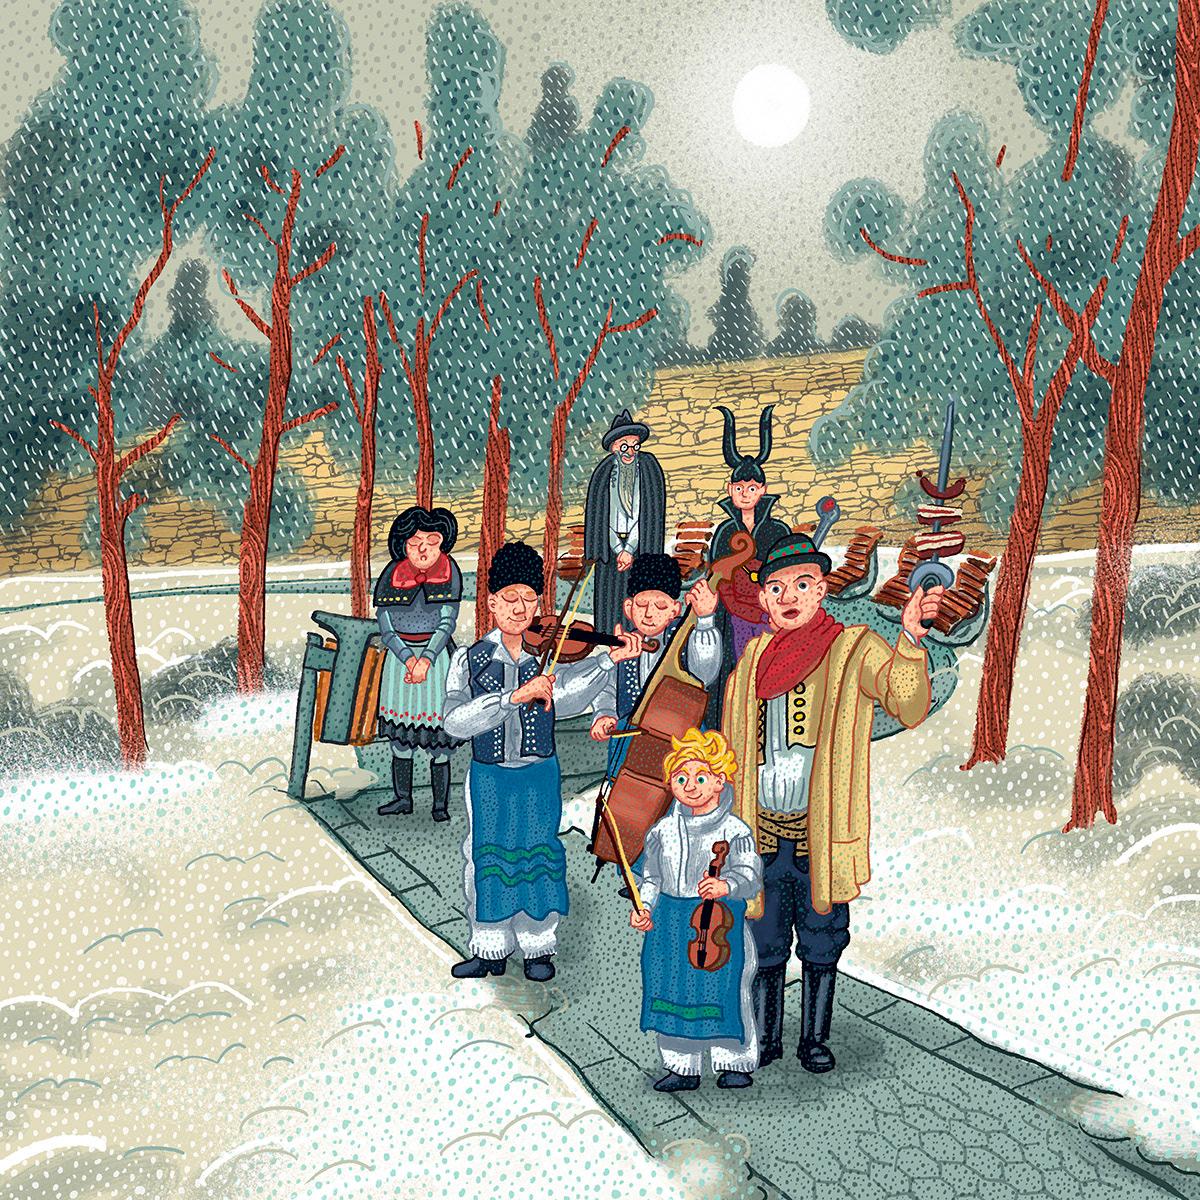 Carnival folclore folk illustration ILLUSTRATION  Moravia slovácko southern moravia